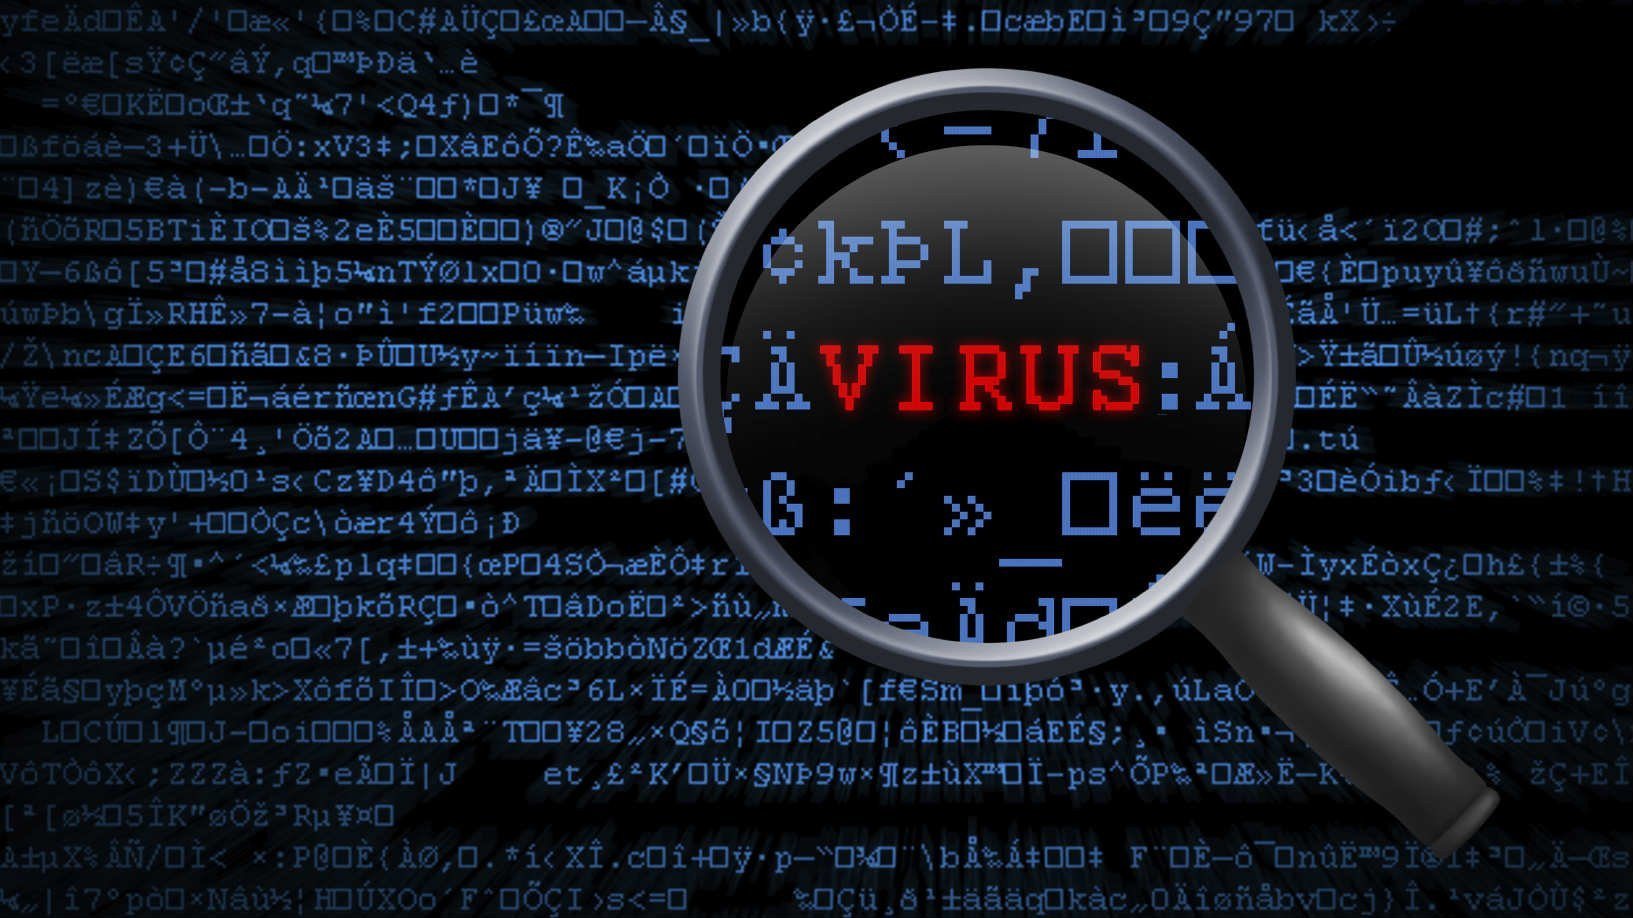 Пользователей браузеров Chrome иFirefox атаковал вирус, похищающий данные